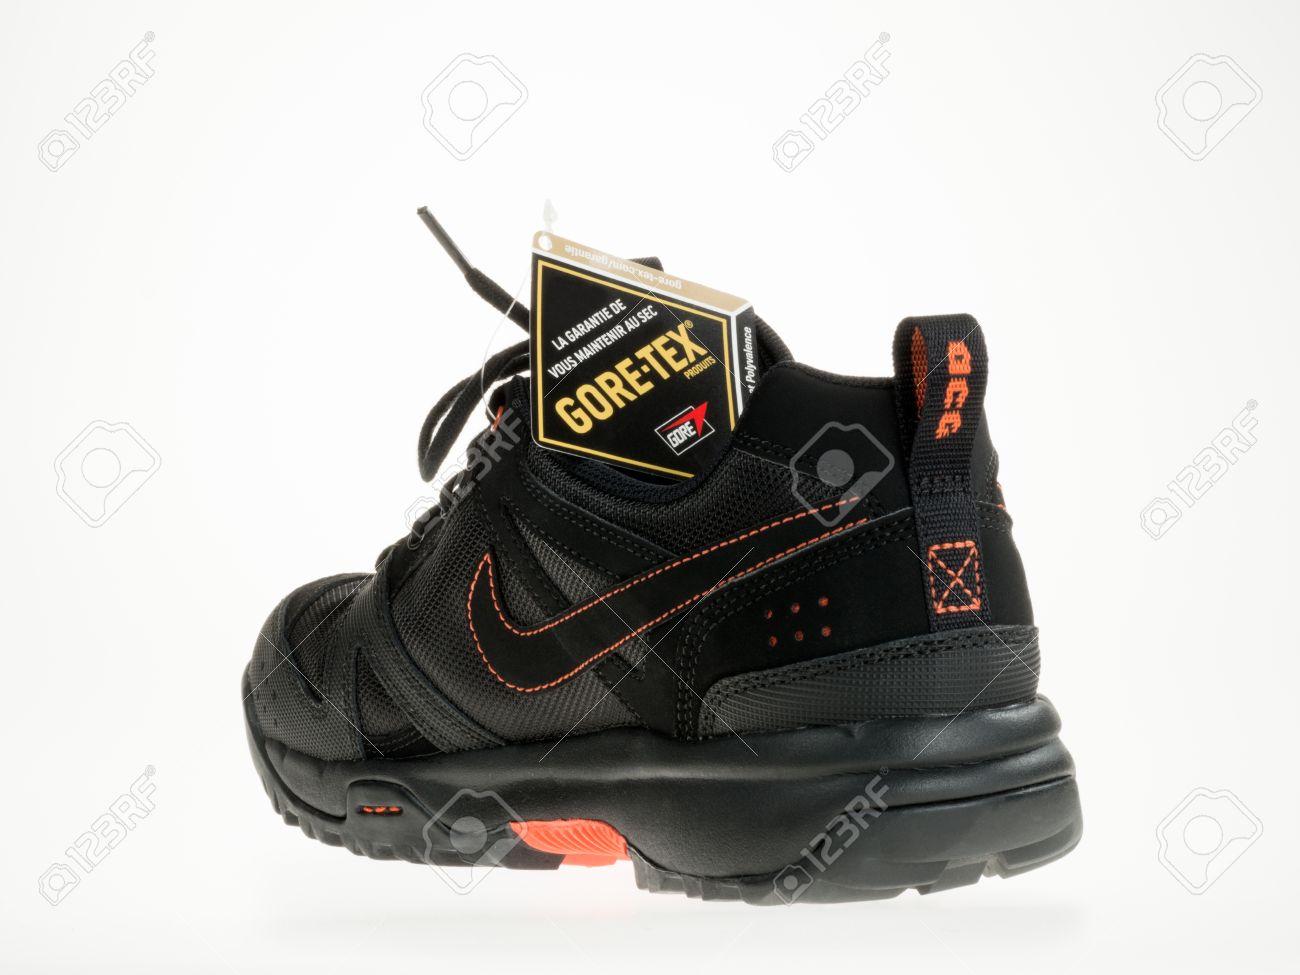 another chance exclusive shoes get new Istanbul, Turquie - 5 Février, 2014 Nouveau Nike chaussure de randonnée  avec Gore-Tex Logo Pris au studio et isolé sur blanc